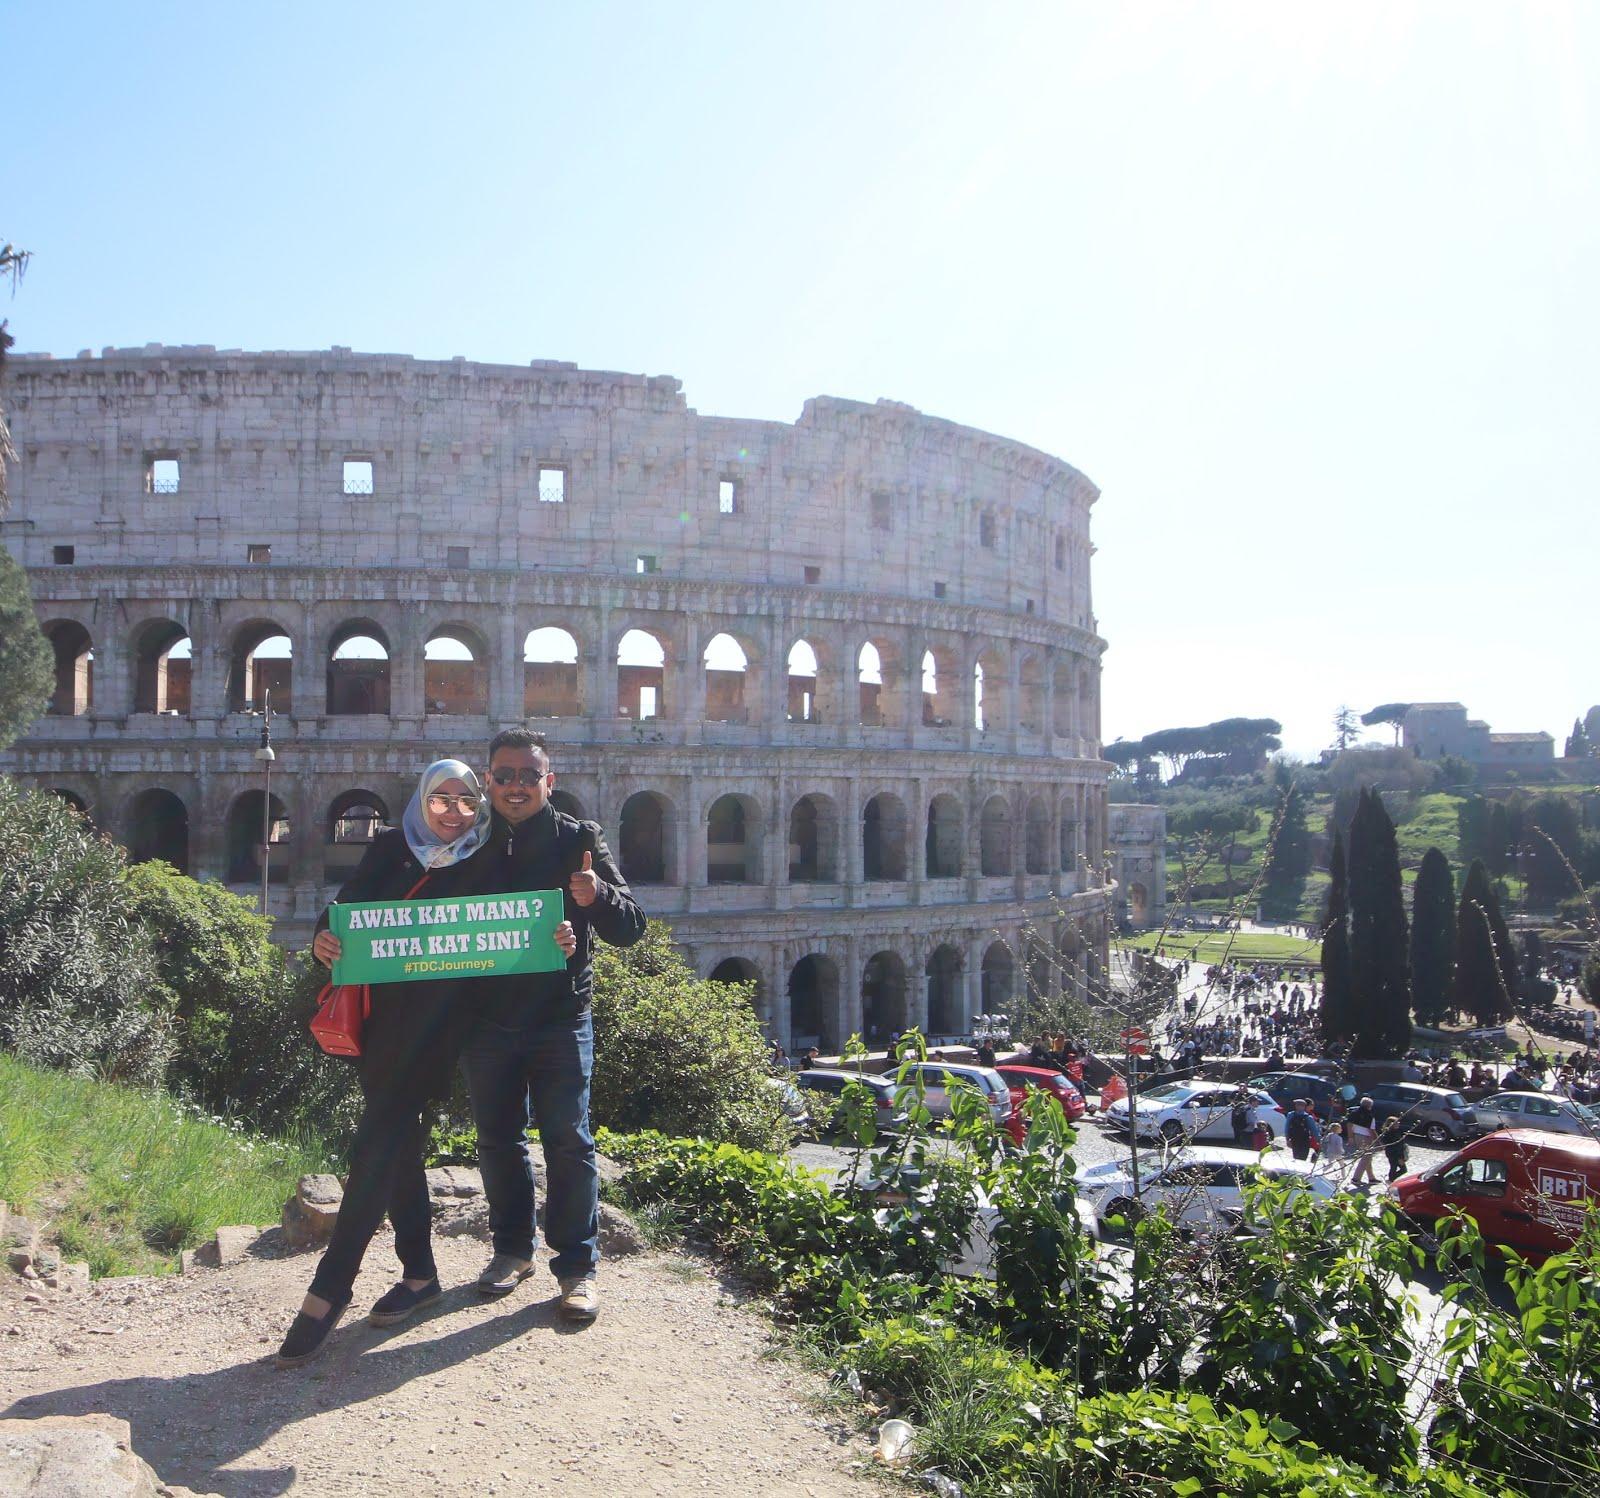 Rome, Italy Mar 2017